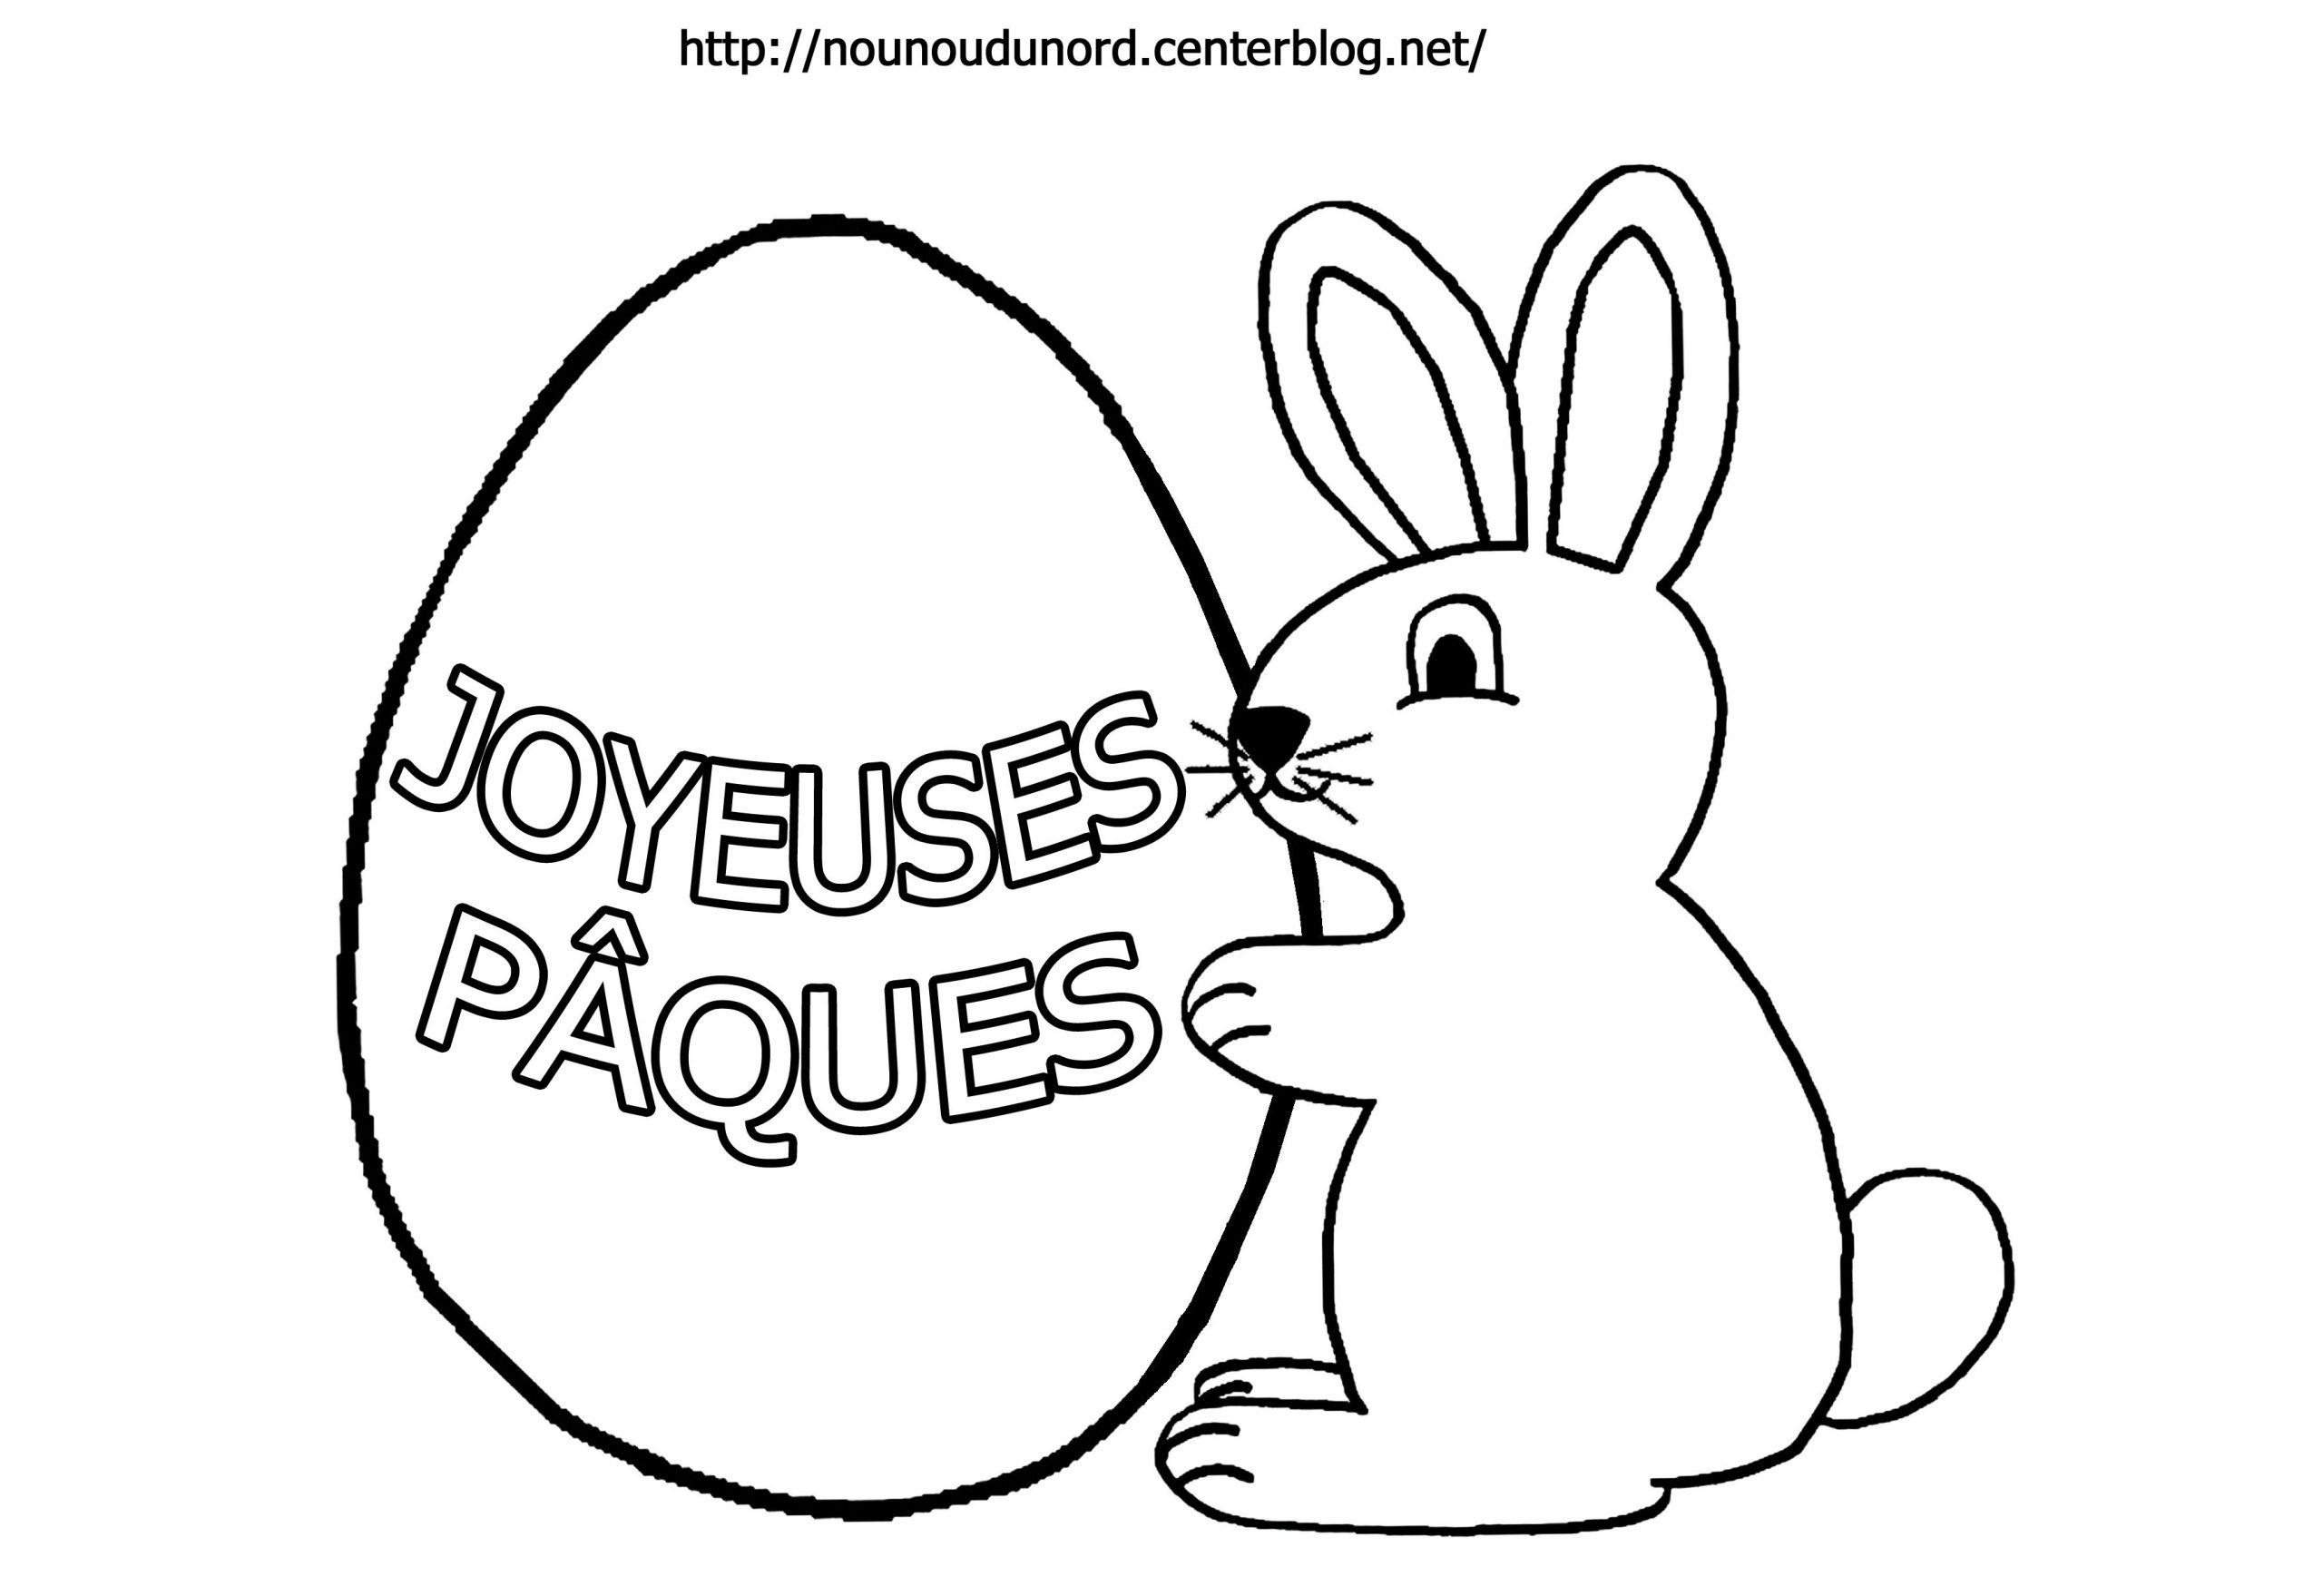 Pâques #110 (Fêtes Et Occasions Spéciales) – Coloriages À concernant Dessin Pour Paques